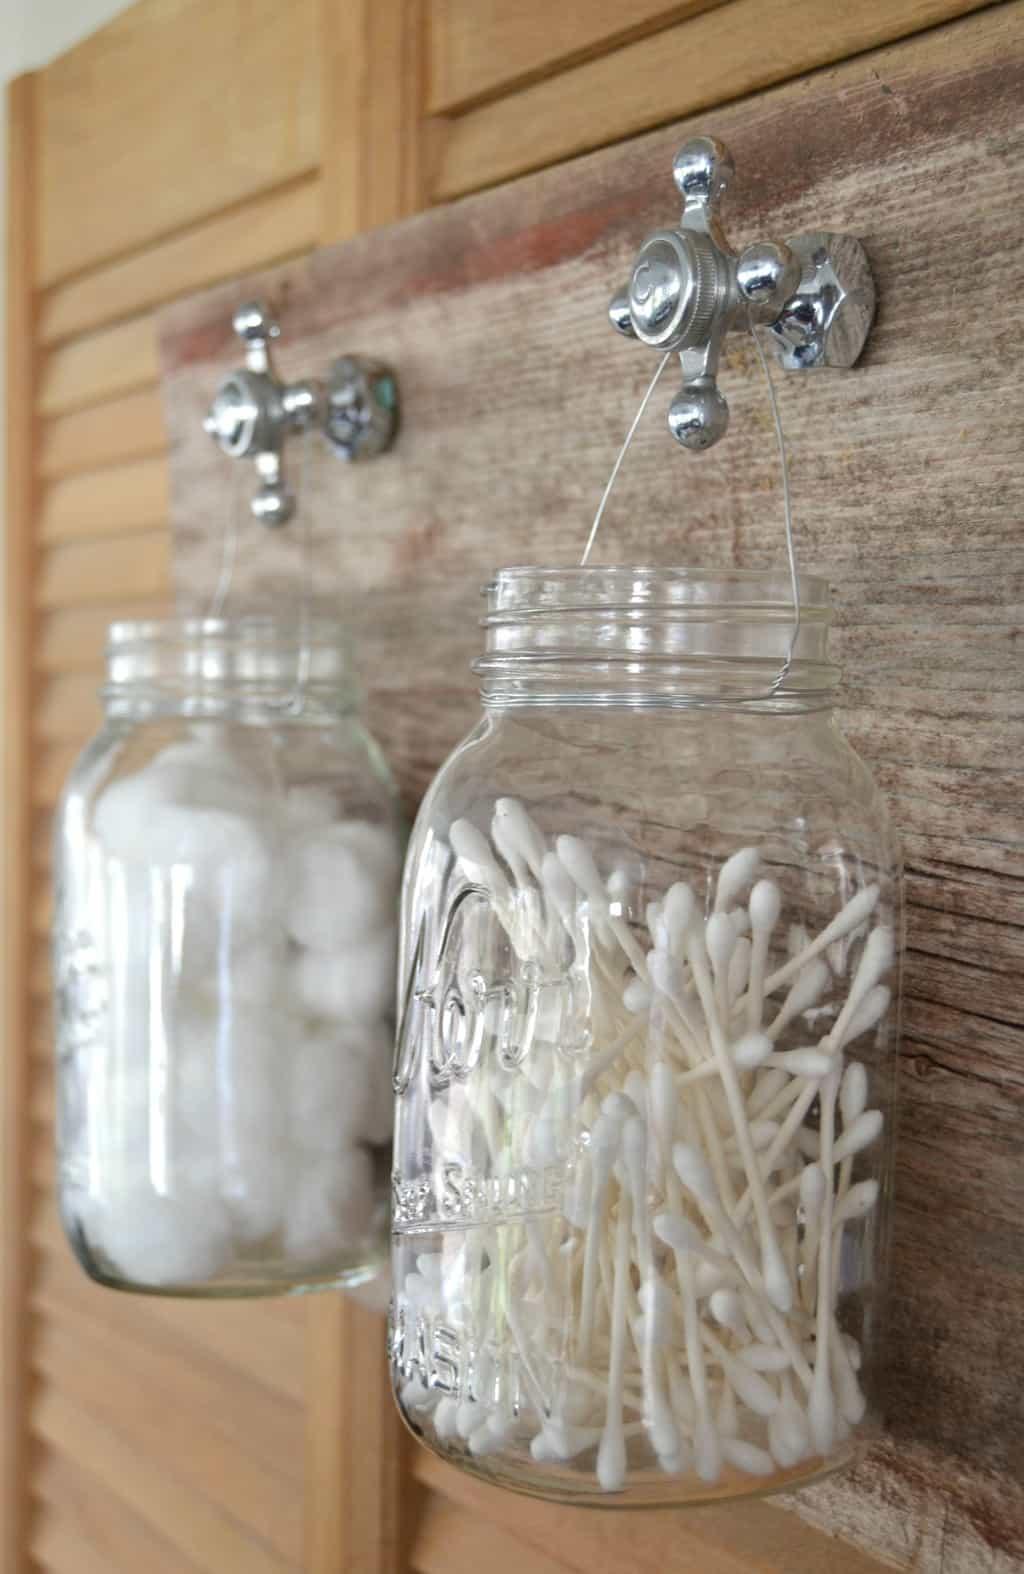 DIY Recycled Bathroom Organizer My Creative Days